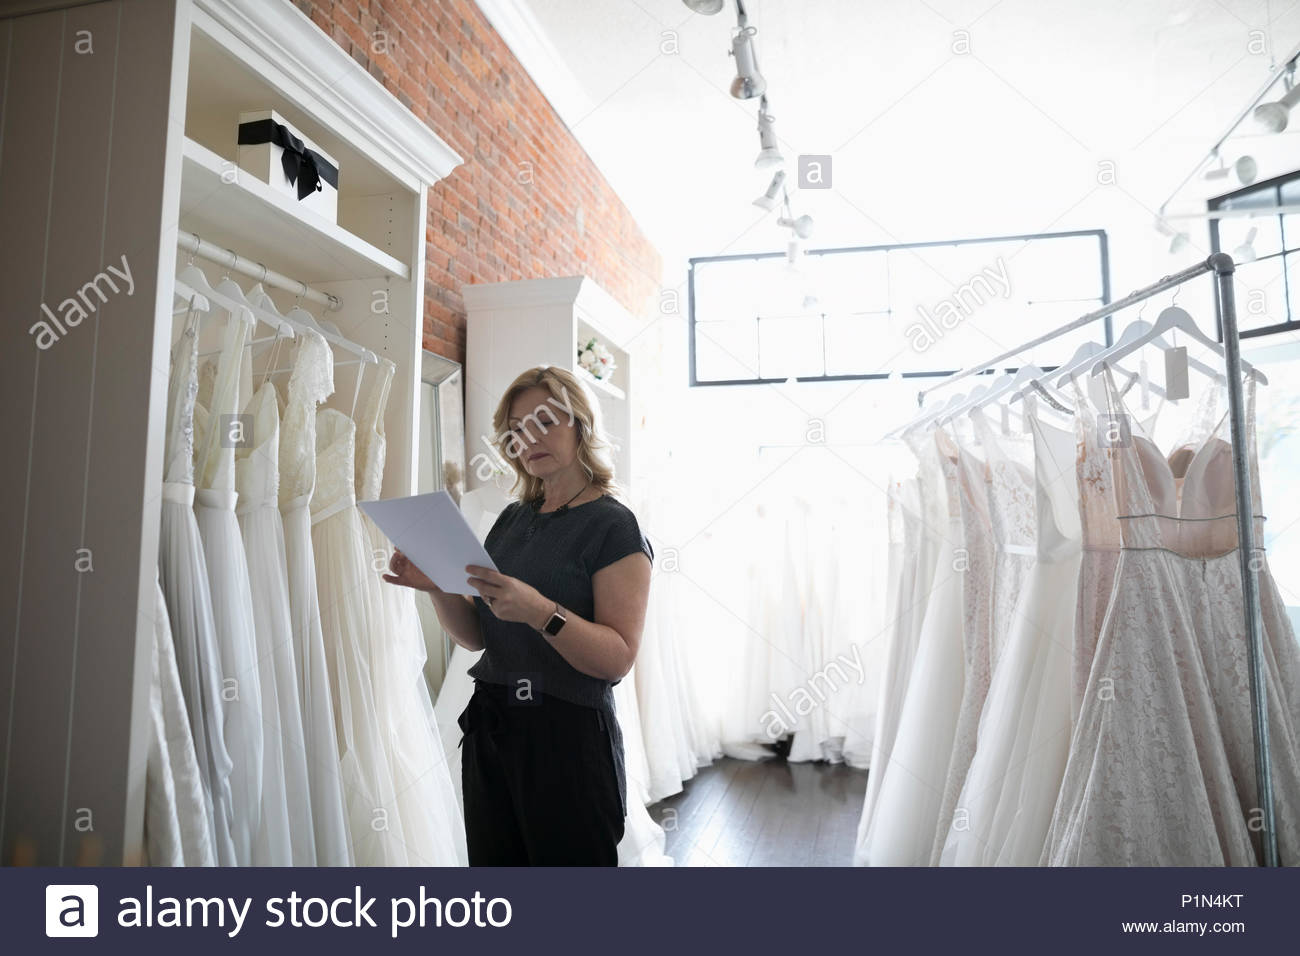 Bridal Boutique Eigentümer Kontrolle Hochzeit Kleid Bestand Stockbild